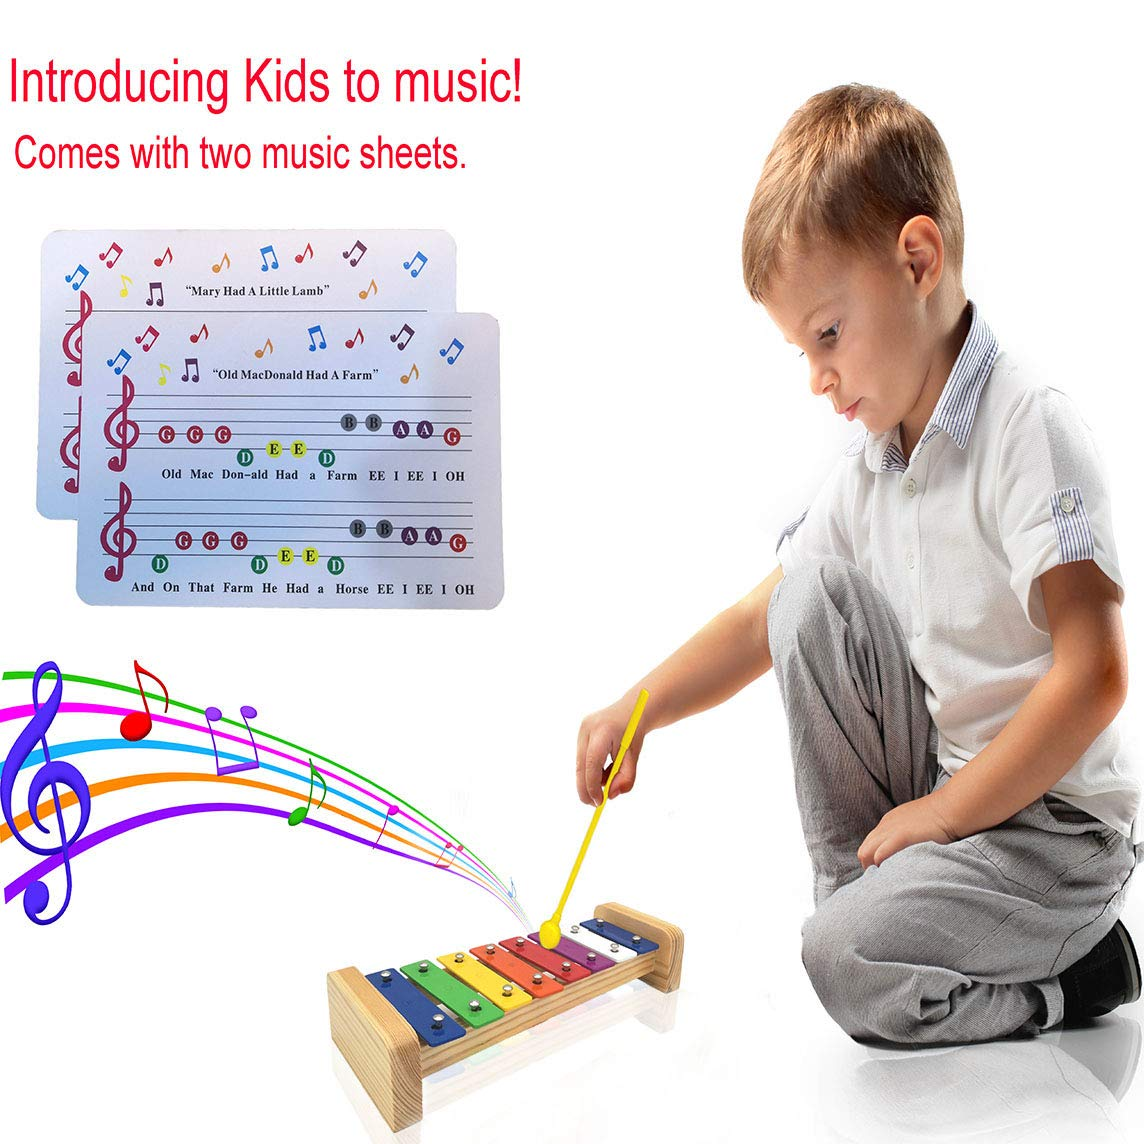 ... Niñas De 1-3 Años Juguetes Musicales Para Niños De 4-8 Años,PercusiÓN Educativo De Desarrollo Como Regalo Perfecto: Amazon.es: Instrumentos musicales